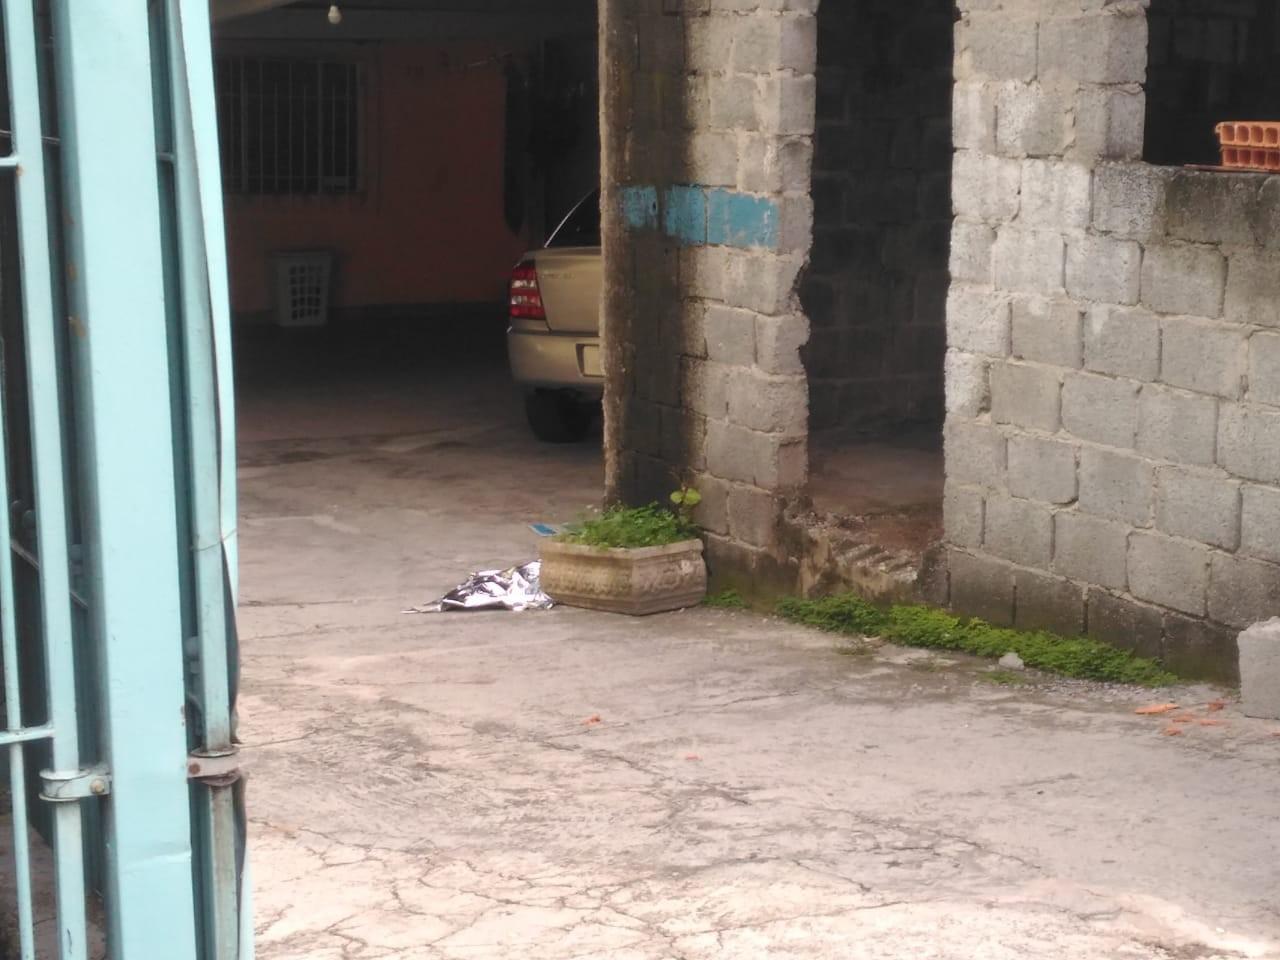 Corpo de bebê é retirado de túmulo e jogado em quintal de casa em Itaquaquecetuba, diz polícia - Noticias